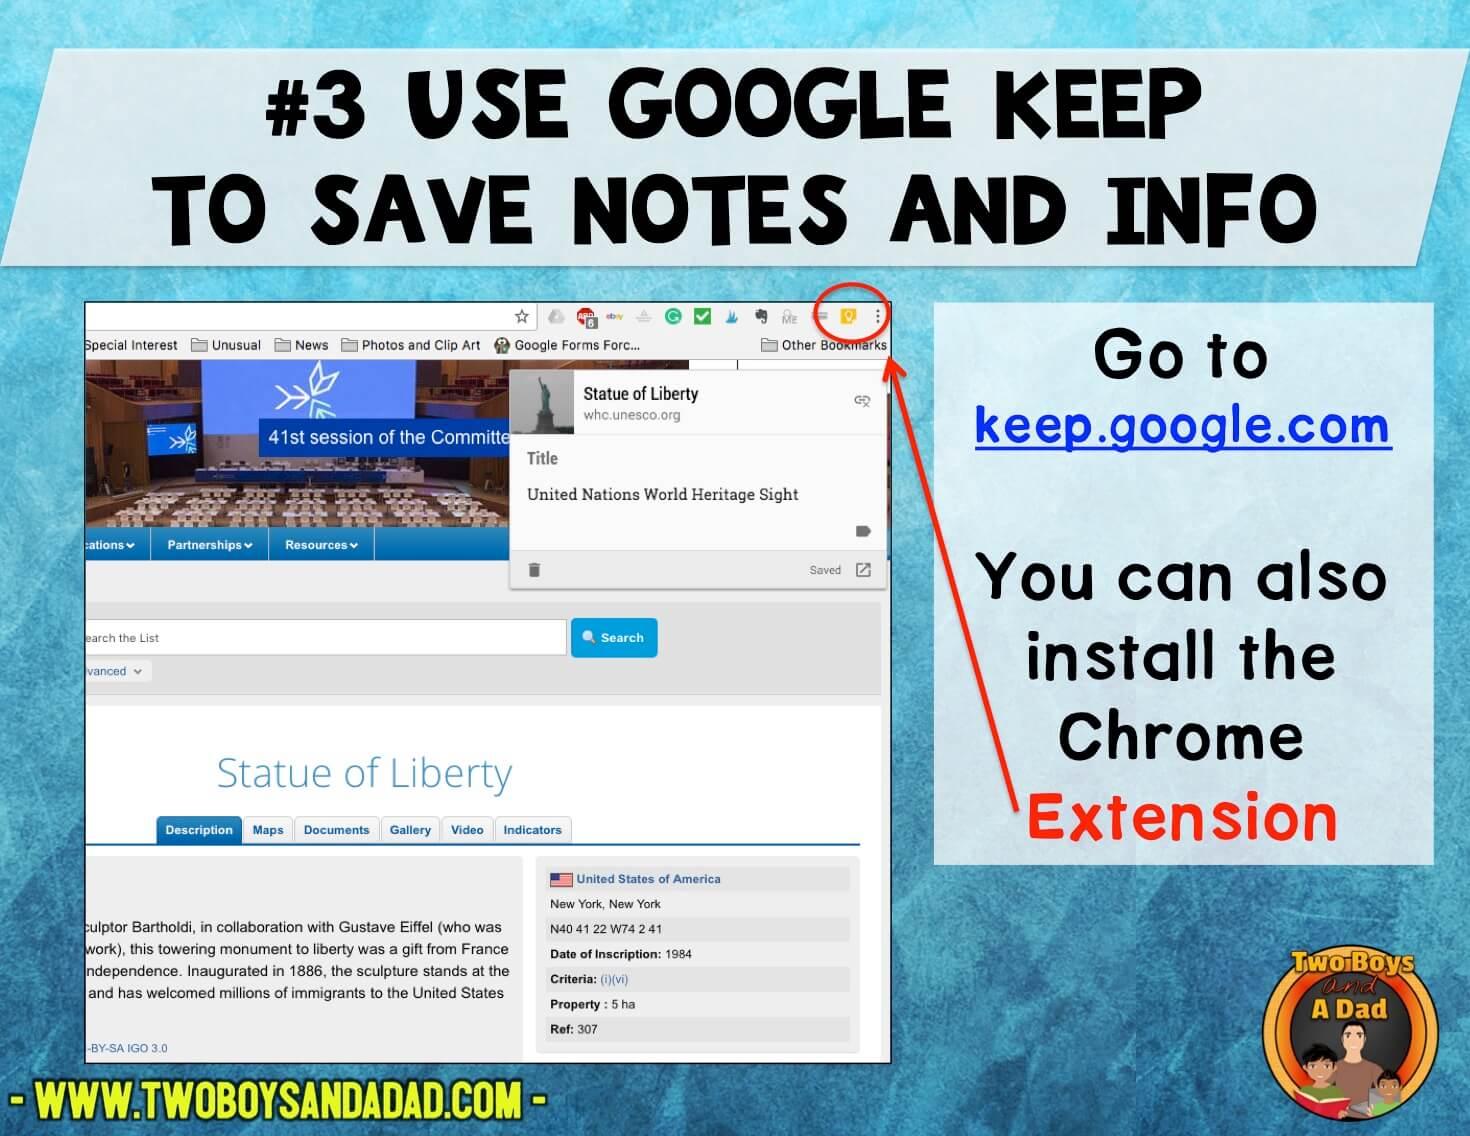 Use Google Keep